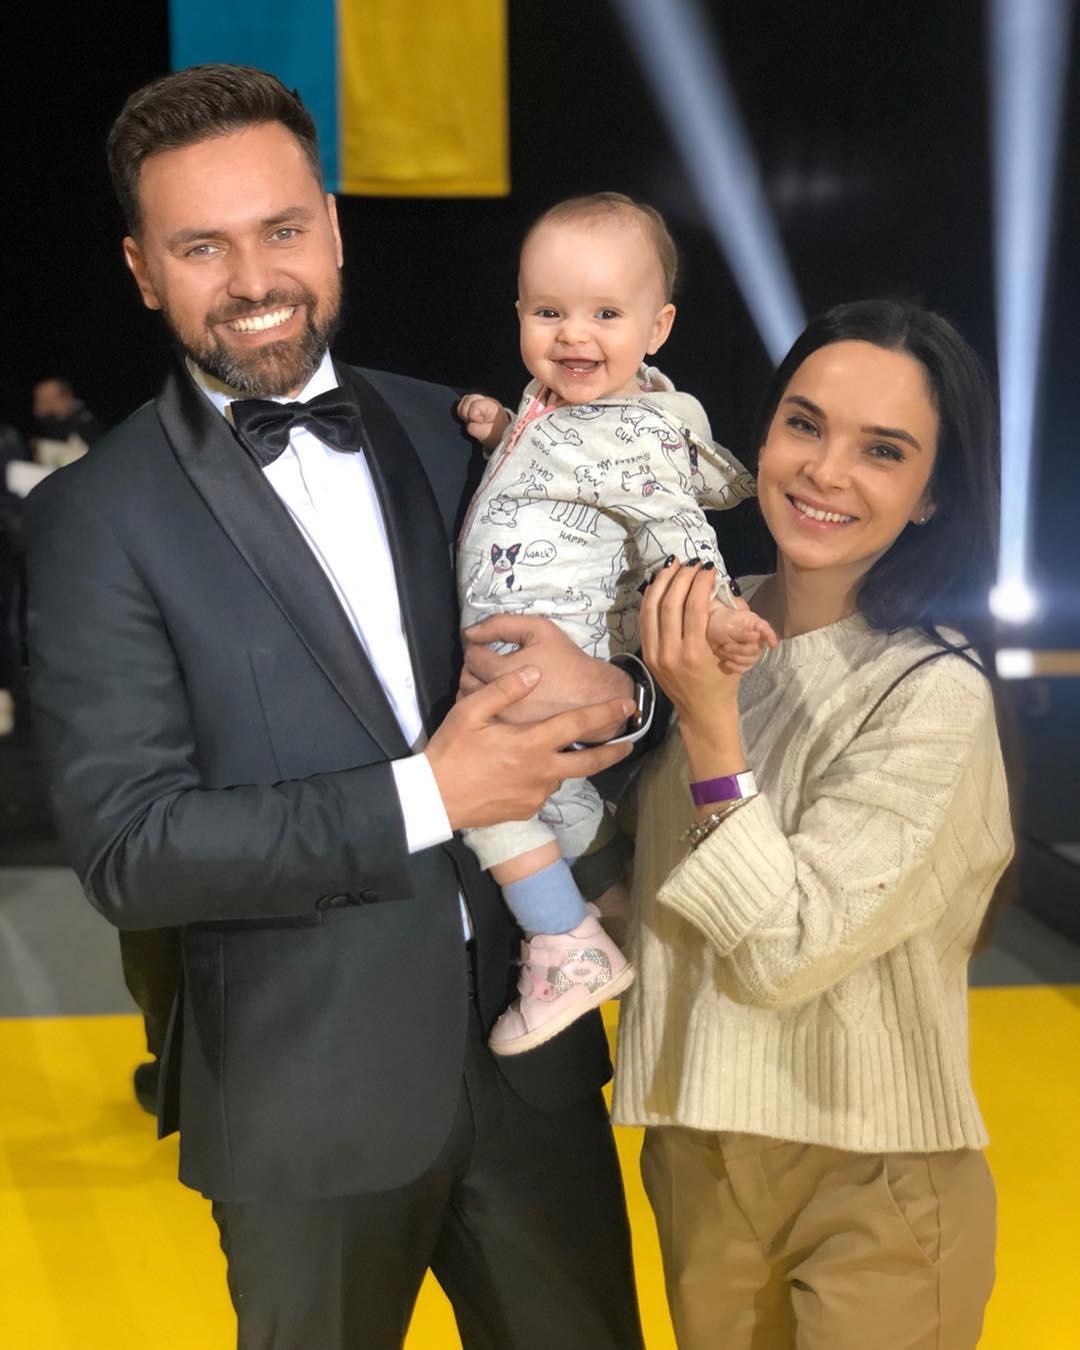 День дочери: Умильные фото звезд украинского шоу-бизнеса с дочками